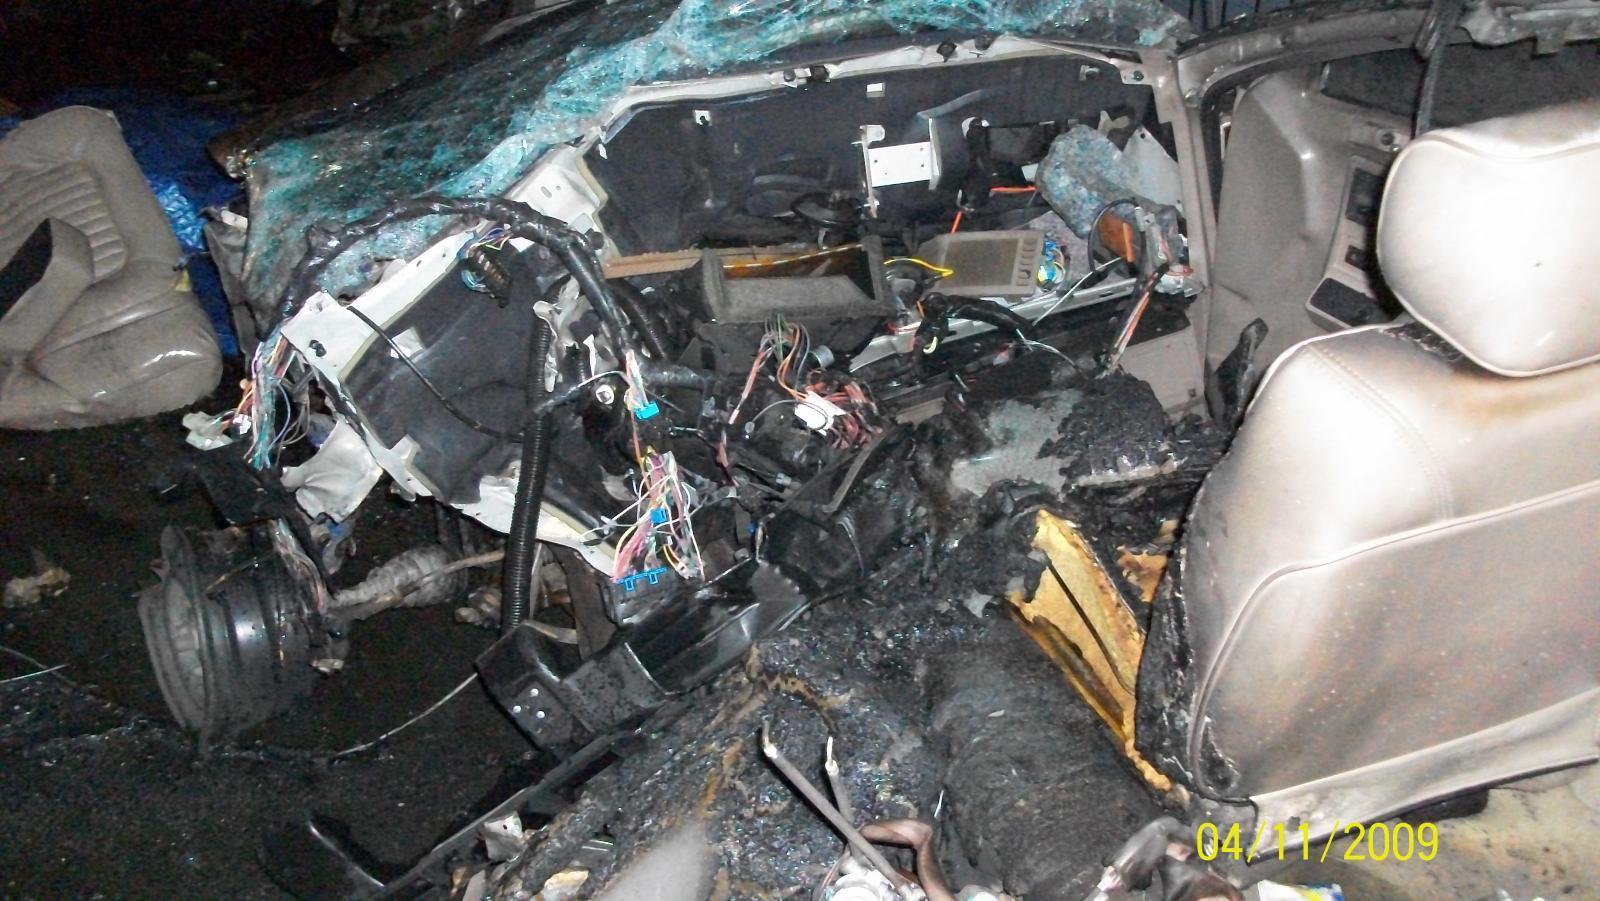 Car Split in half #2